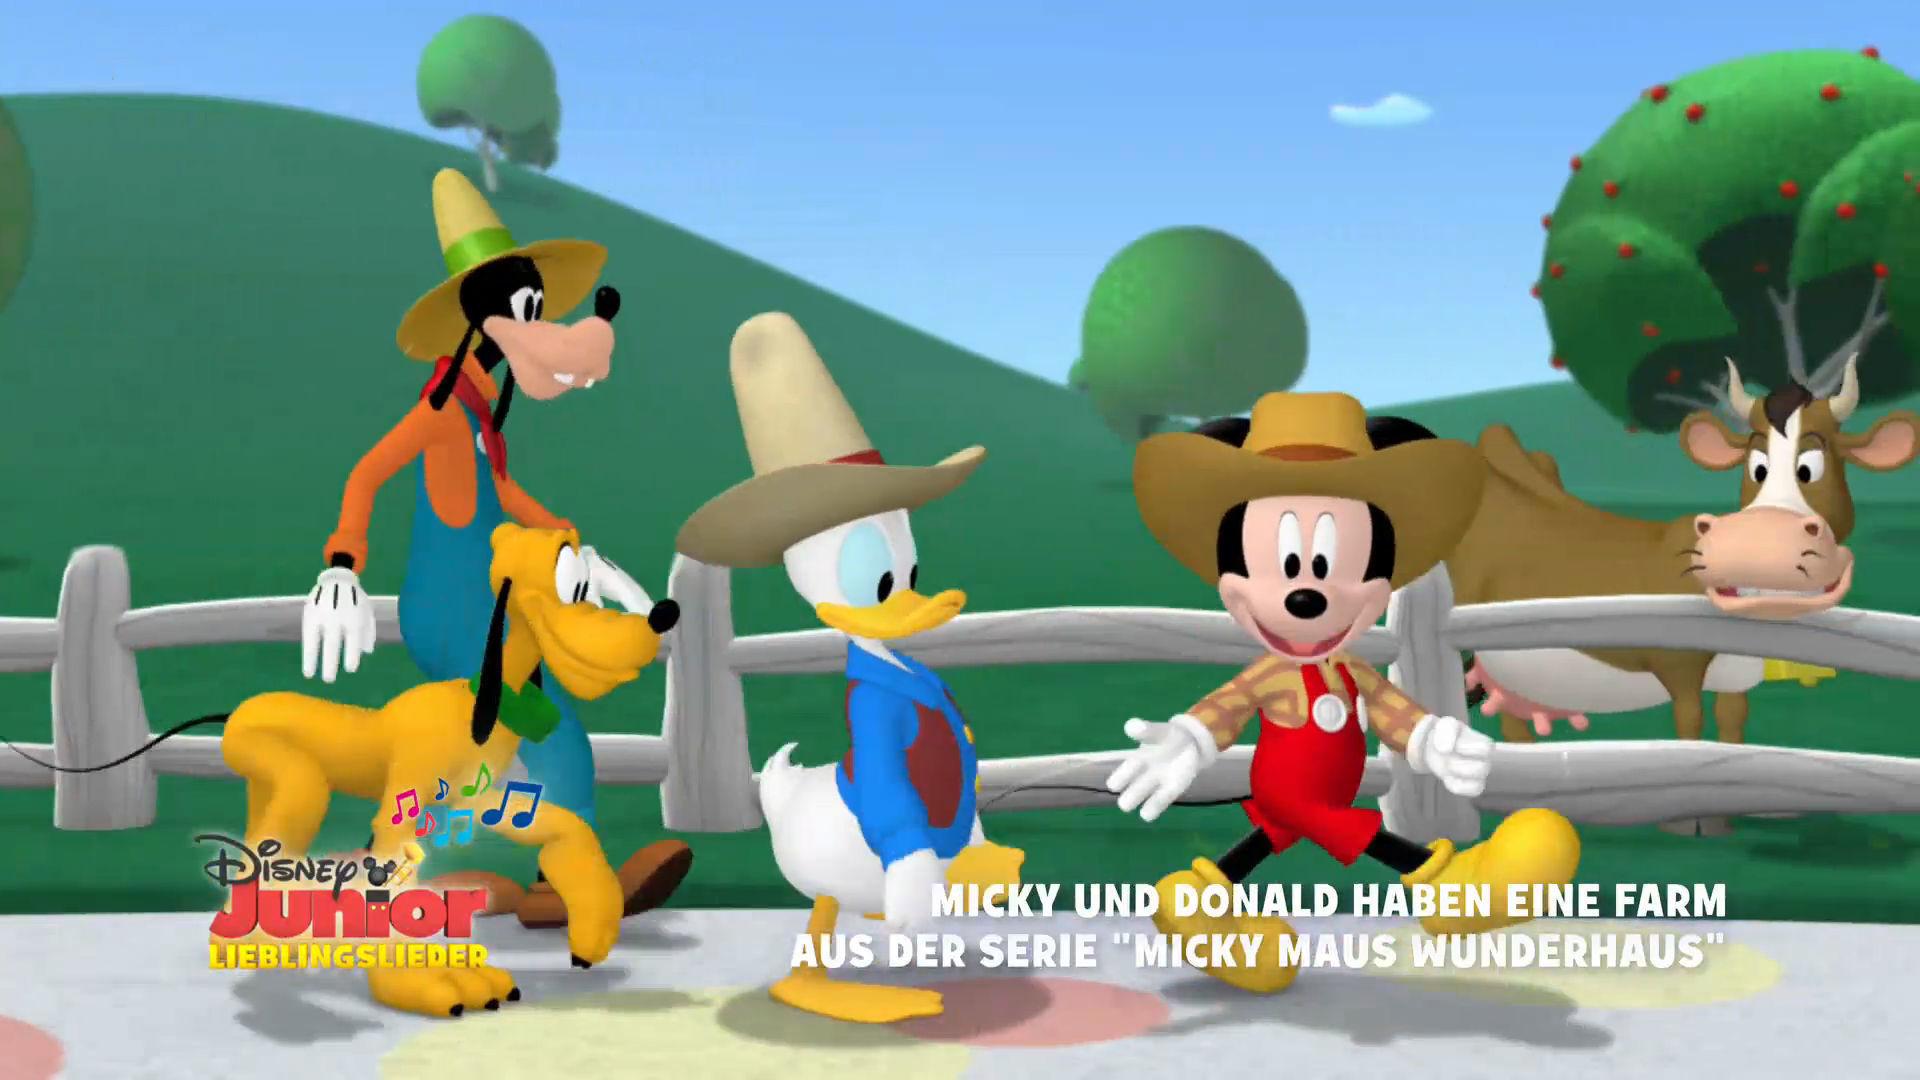 Micky und Donald haben eine Farm